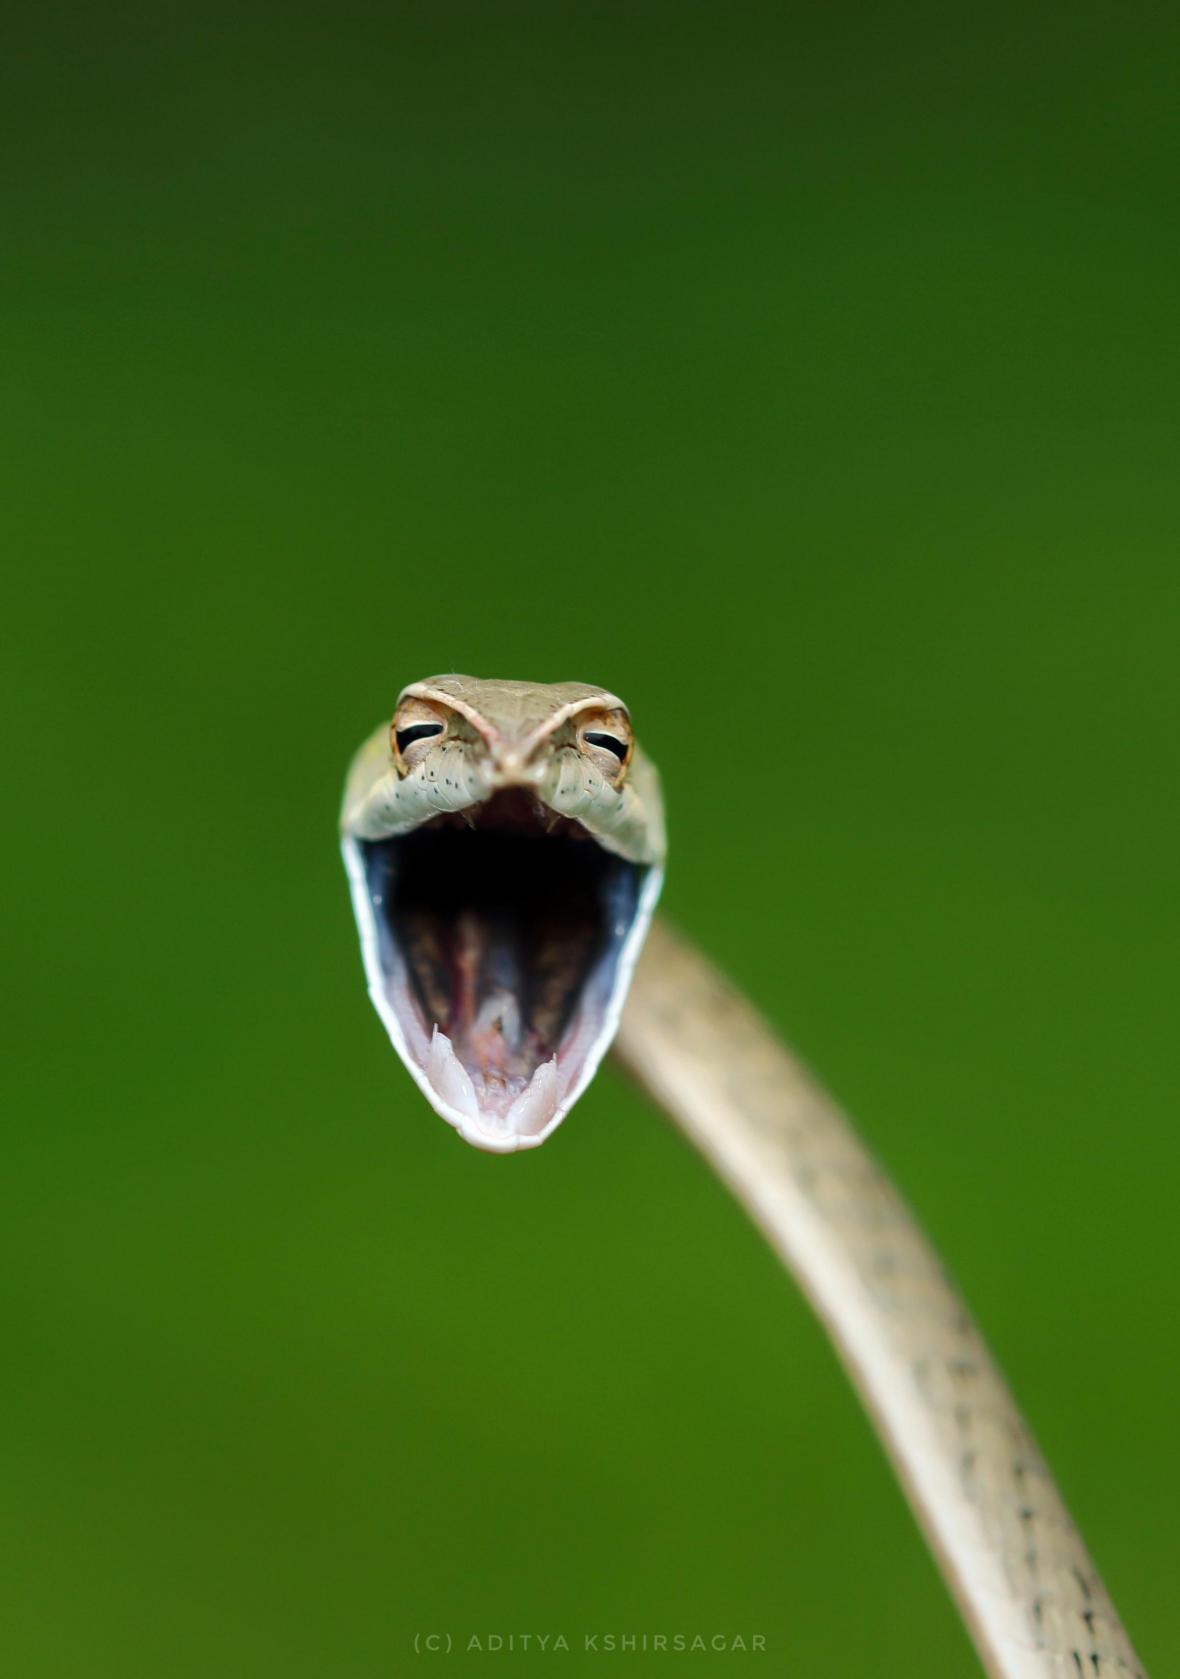 Ένα πράσινο φίδι του αμπελιού μοιάζει να ποζάρει στο φωτογραφικό φακό γελώντας αν και στην πραγματικότητα πρόκειται για επιθετική κίνηση